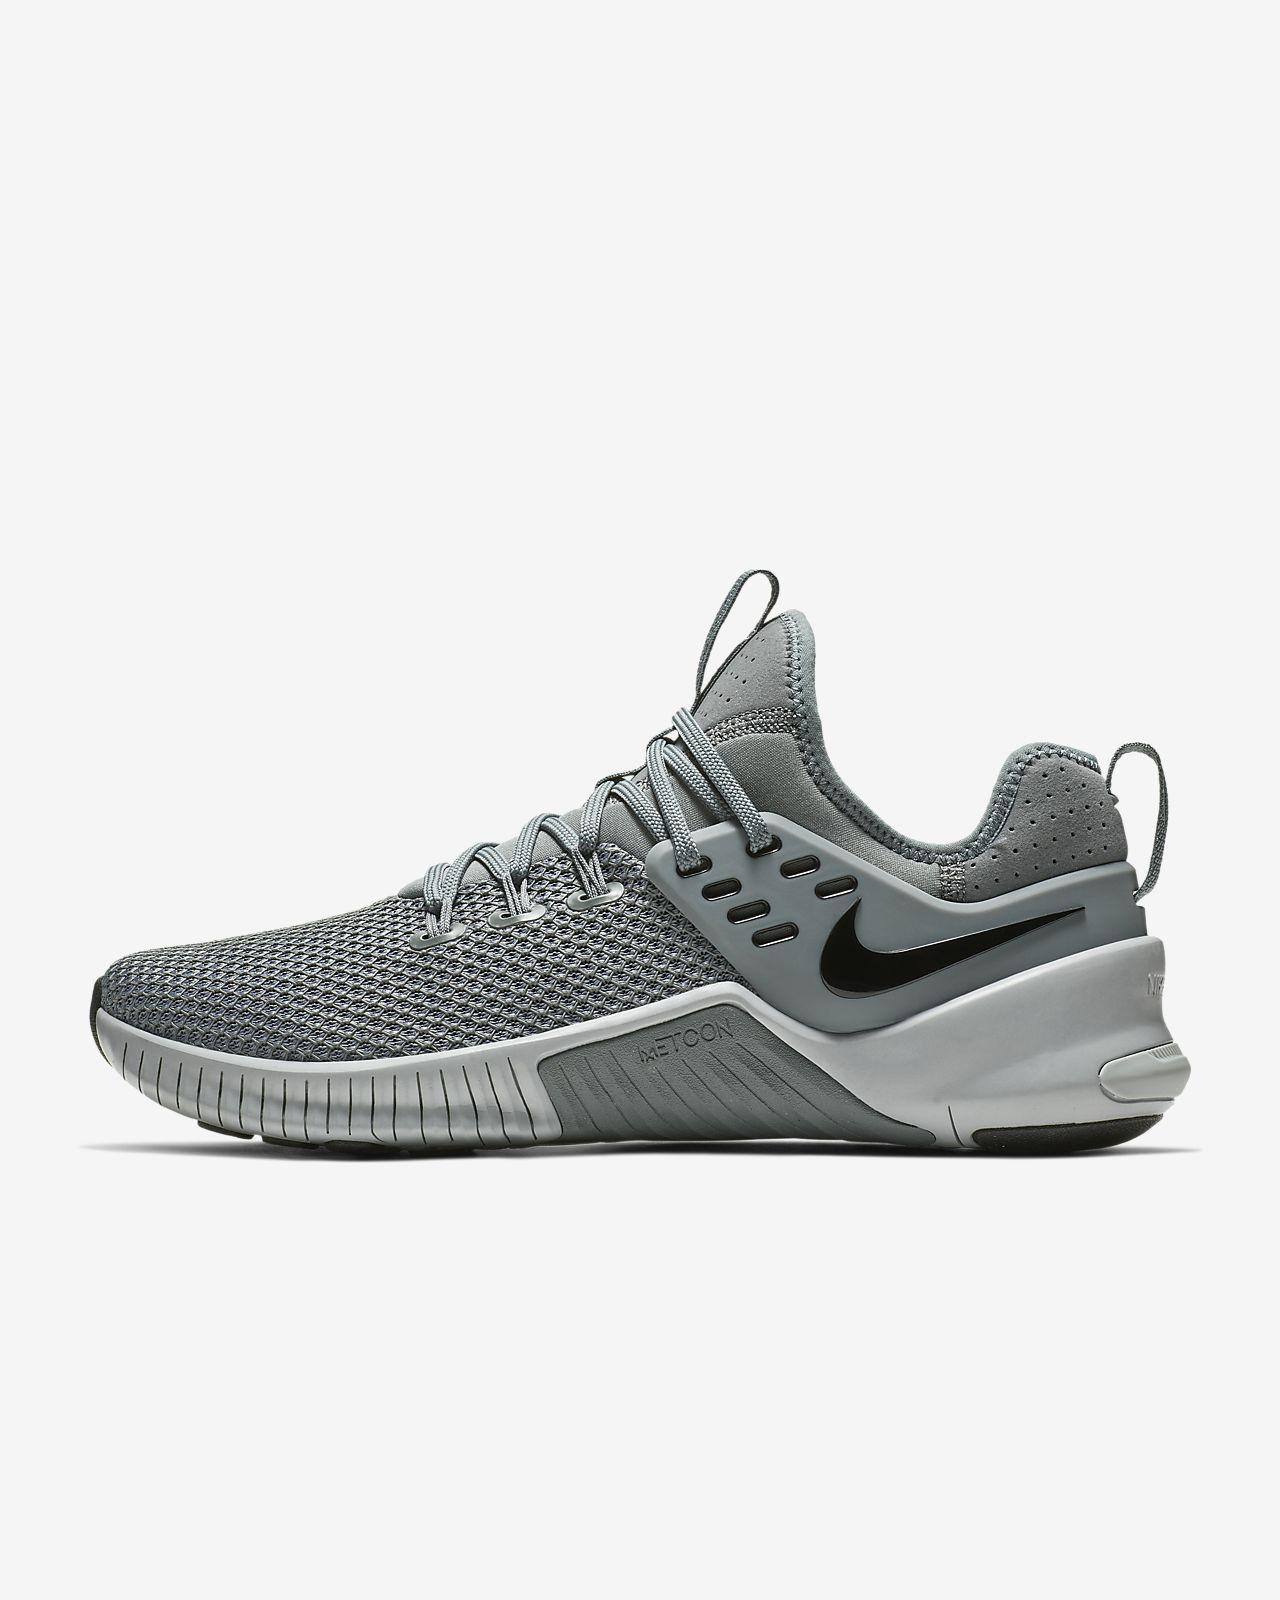 new style 9bbcf 96b1b ... Gewichtheberschuh Nike Free x Metcon Crosstraining- und  Gewichtheberschuh